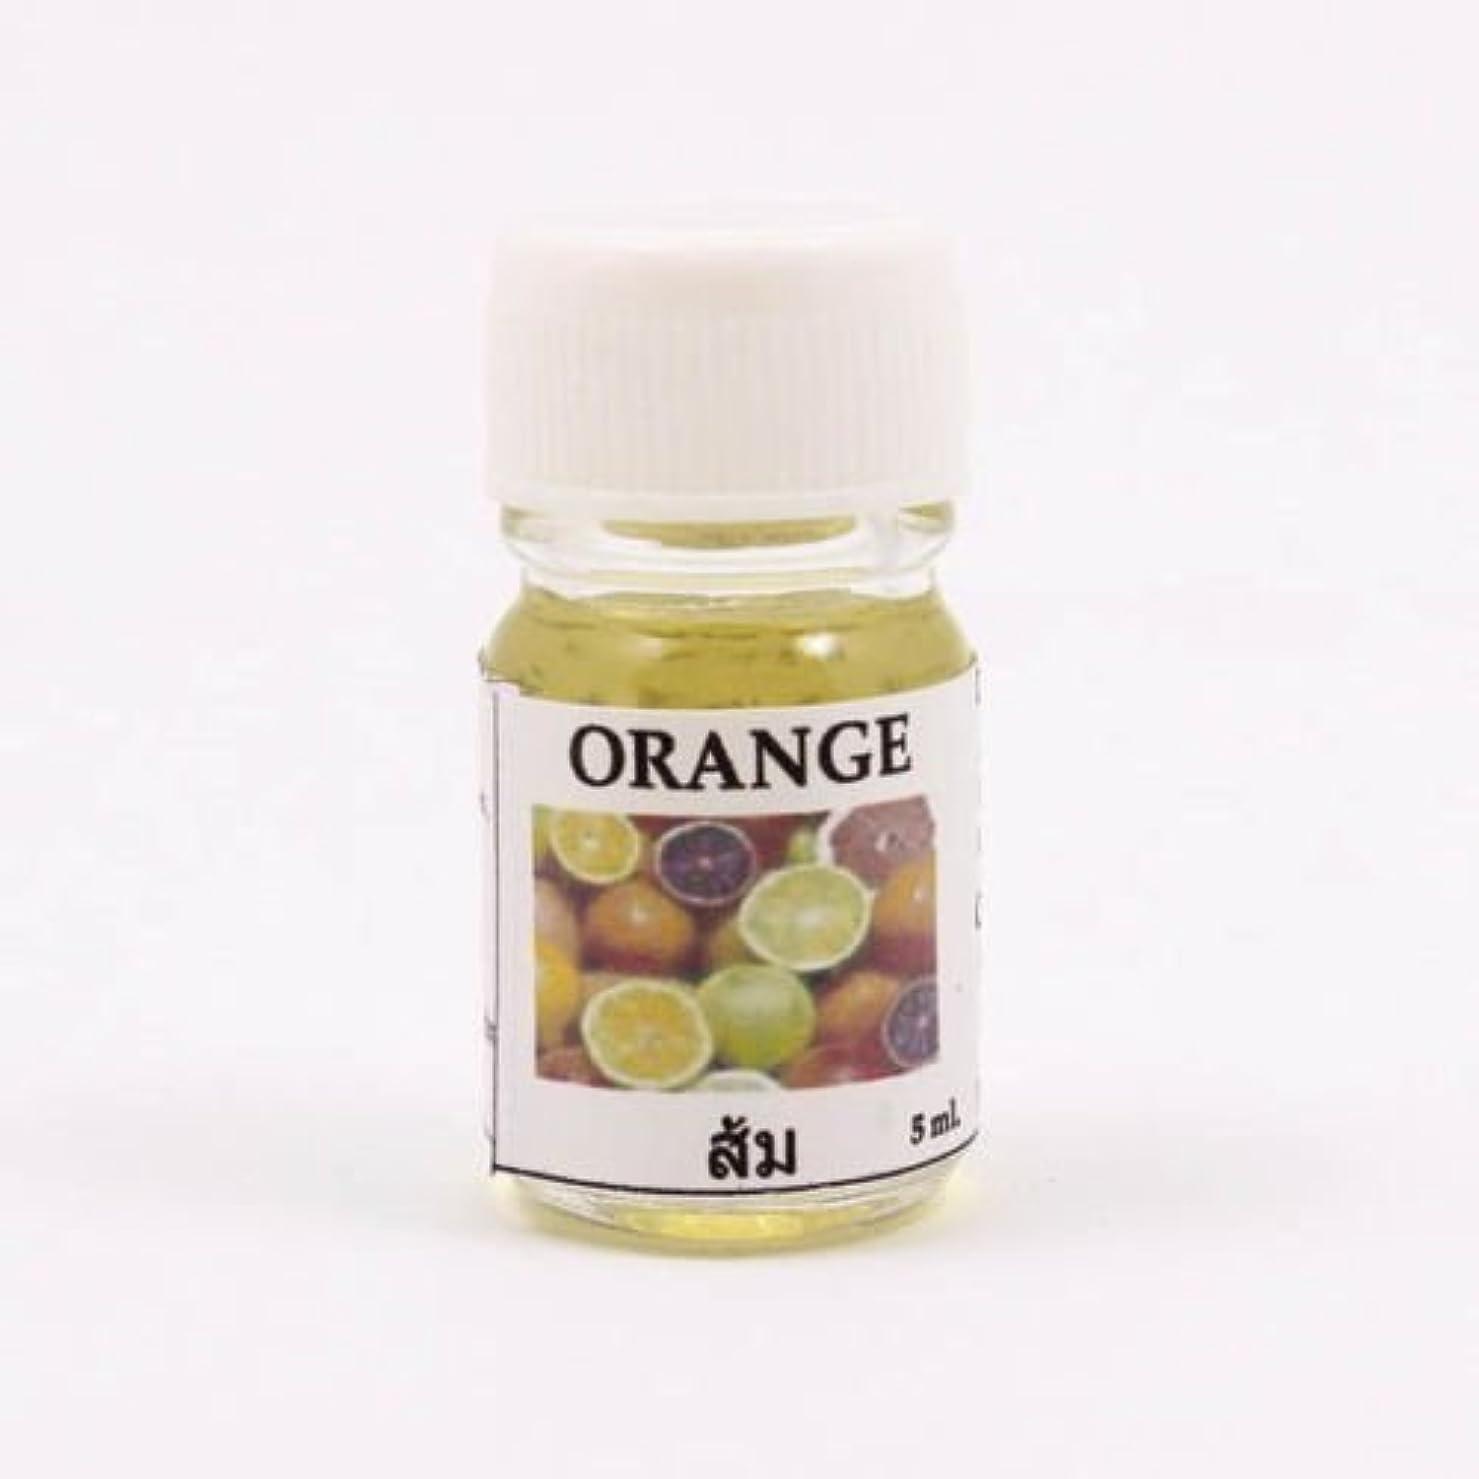 テクスチャー精算連続した6X Orange Aroma Fragrance Essential Oil 5ML. (cc) Diffuser Burner Therapy